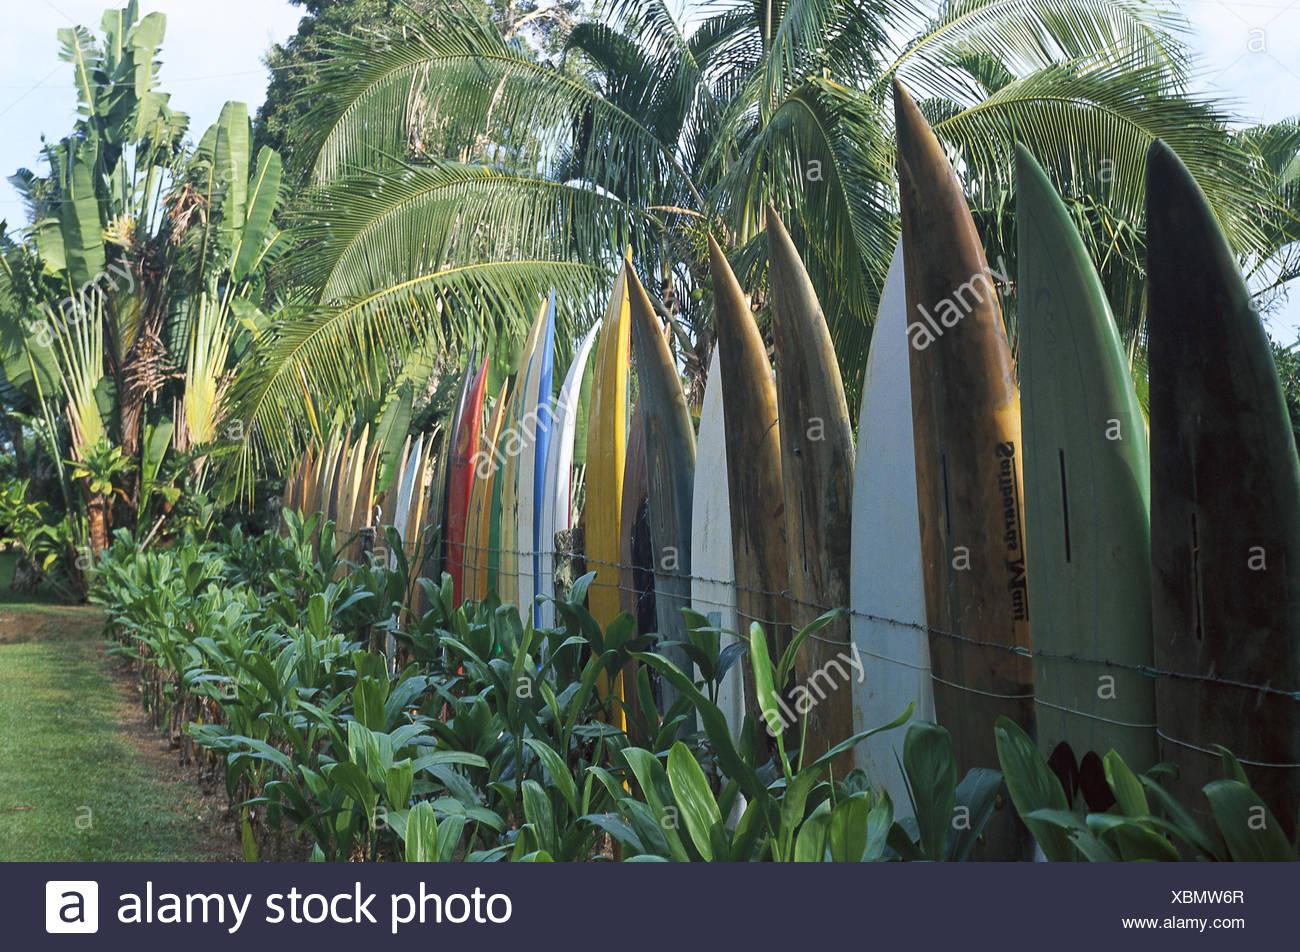 The Usa Hawaii Island Maui Fence Surfboards Palms The United